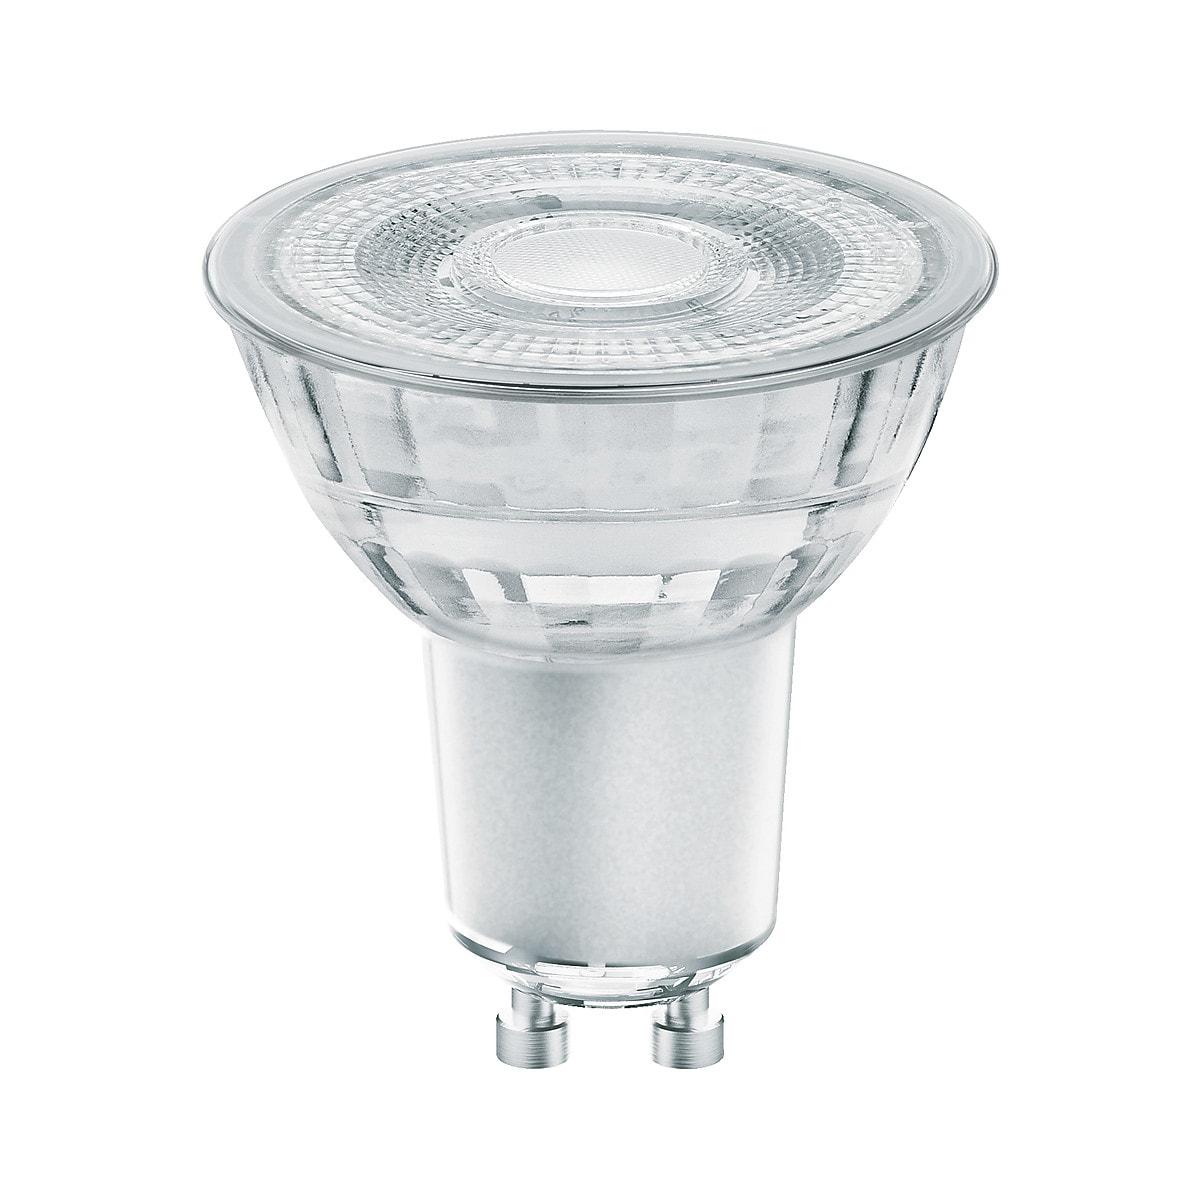 Dimbar LED-lampa GU10 Retrofit Glowdim Osram